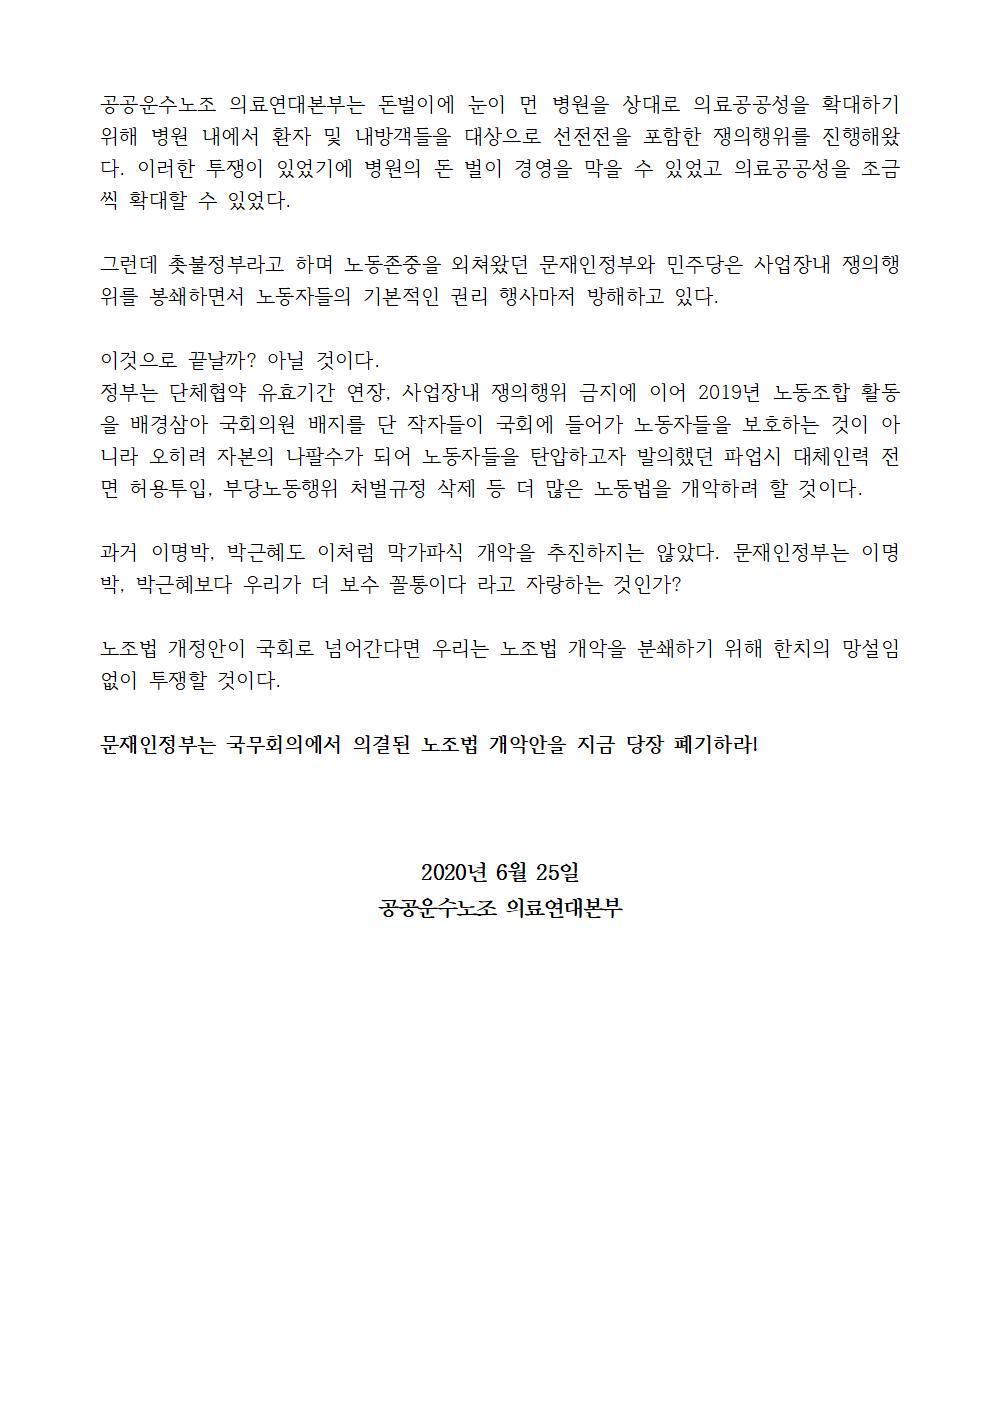 노조법개악 국무회의 의결 규탄 성명서002.jpg